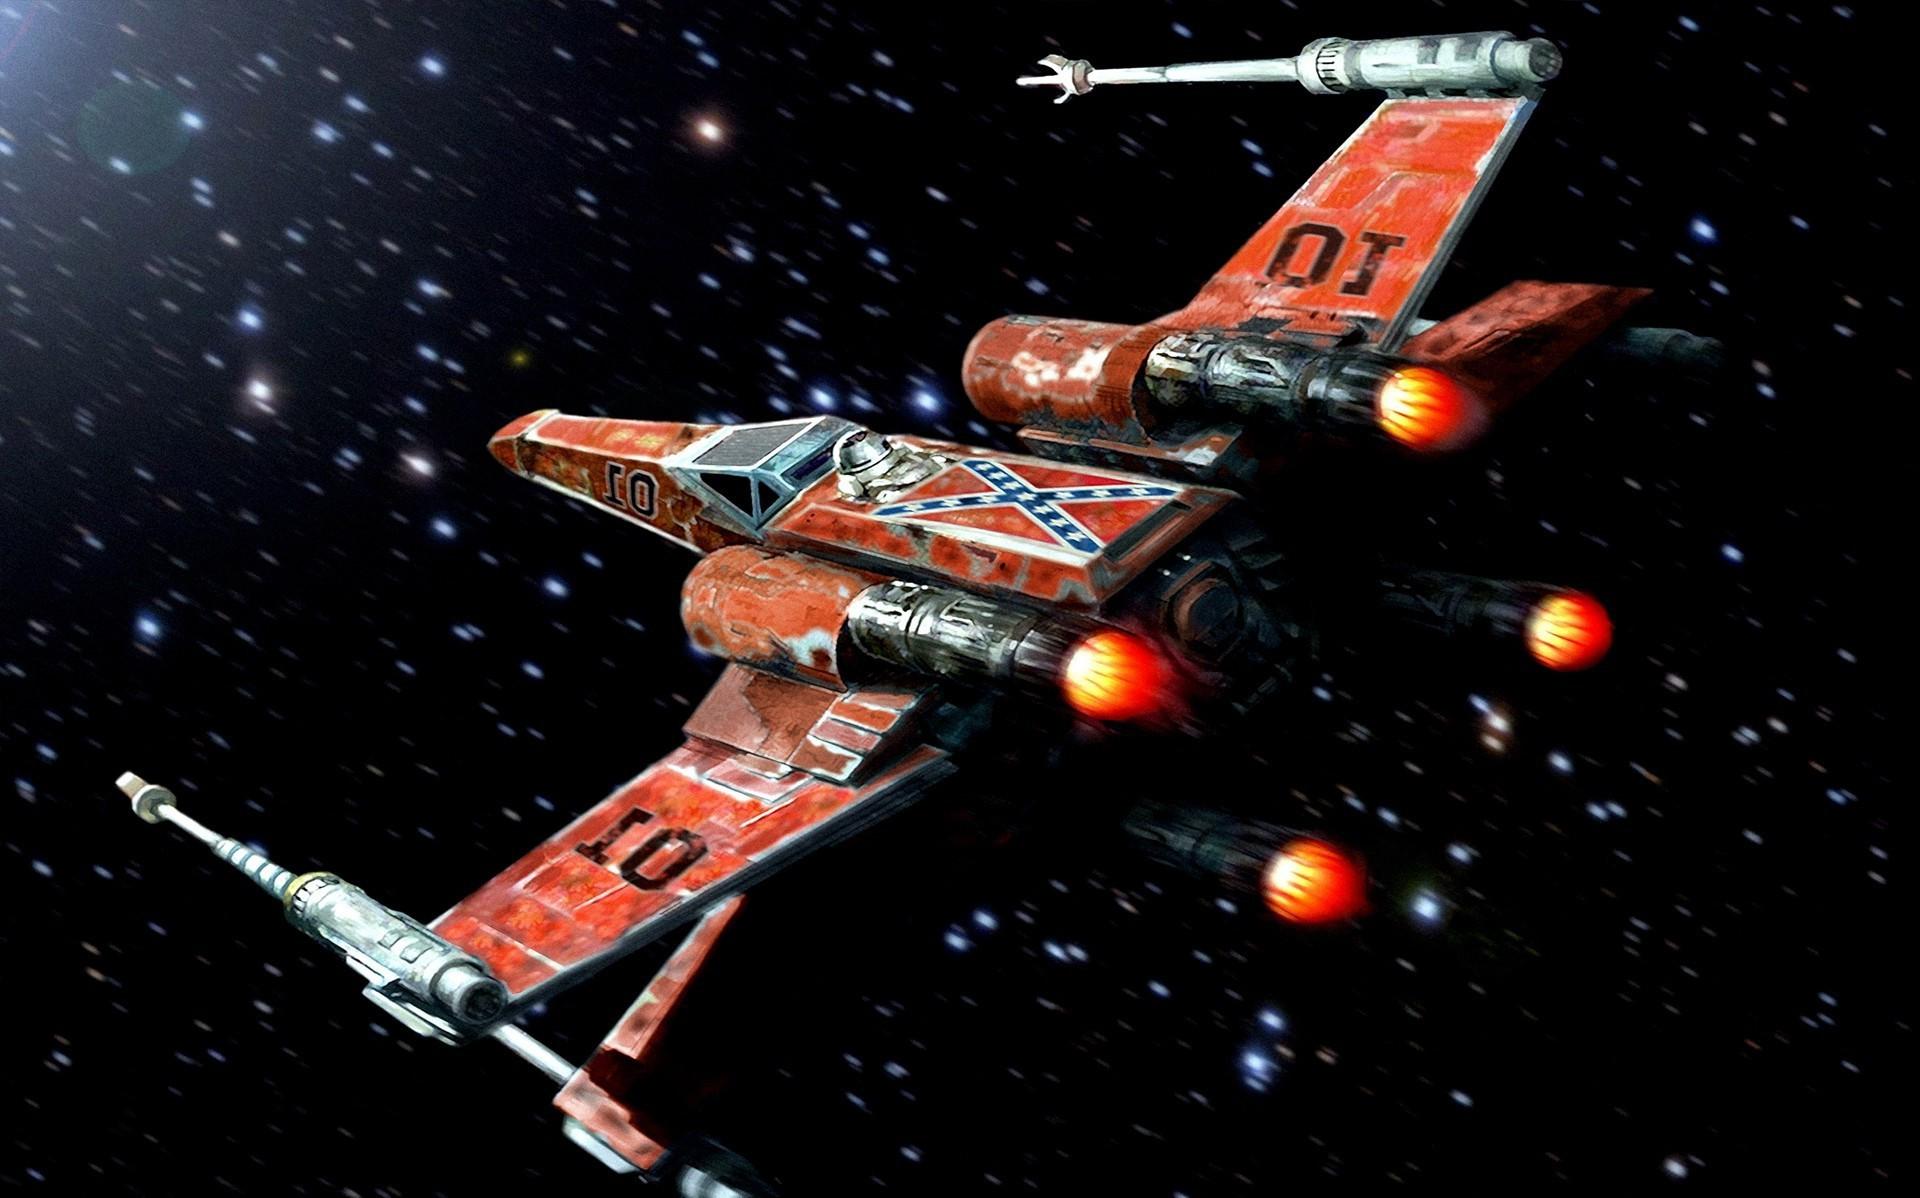 Star Wars, X wing, Minimalism Wallpapers HD / Desktop and Mobile X Wing  Wallpaper Wallpapers)